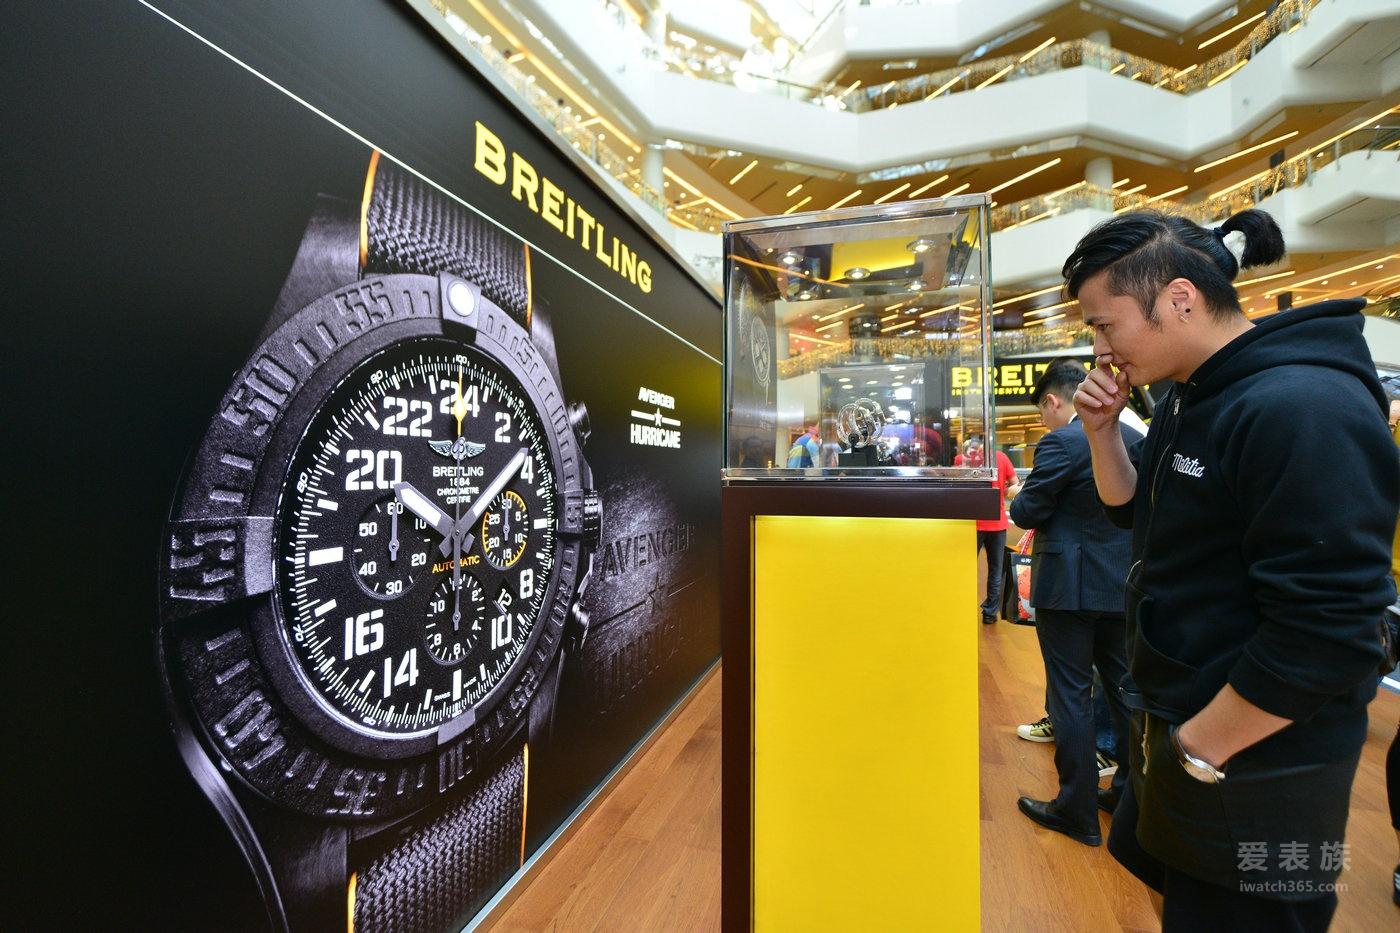 天津首家百年灵店正式开业